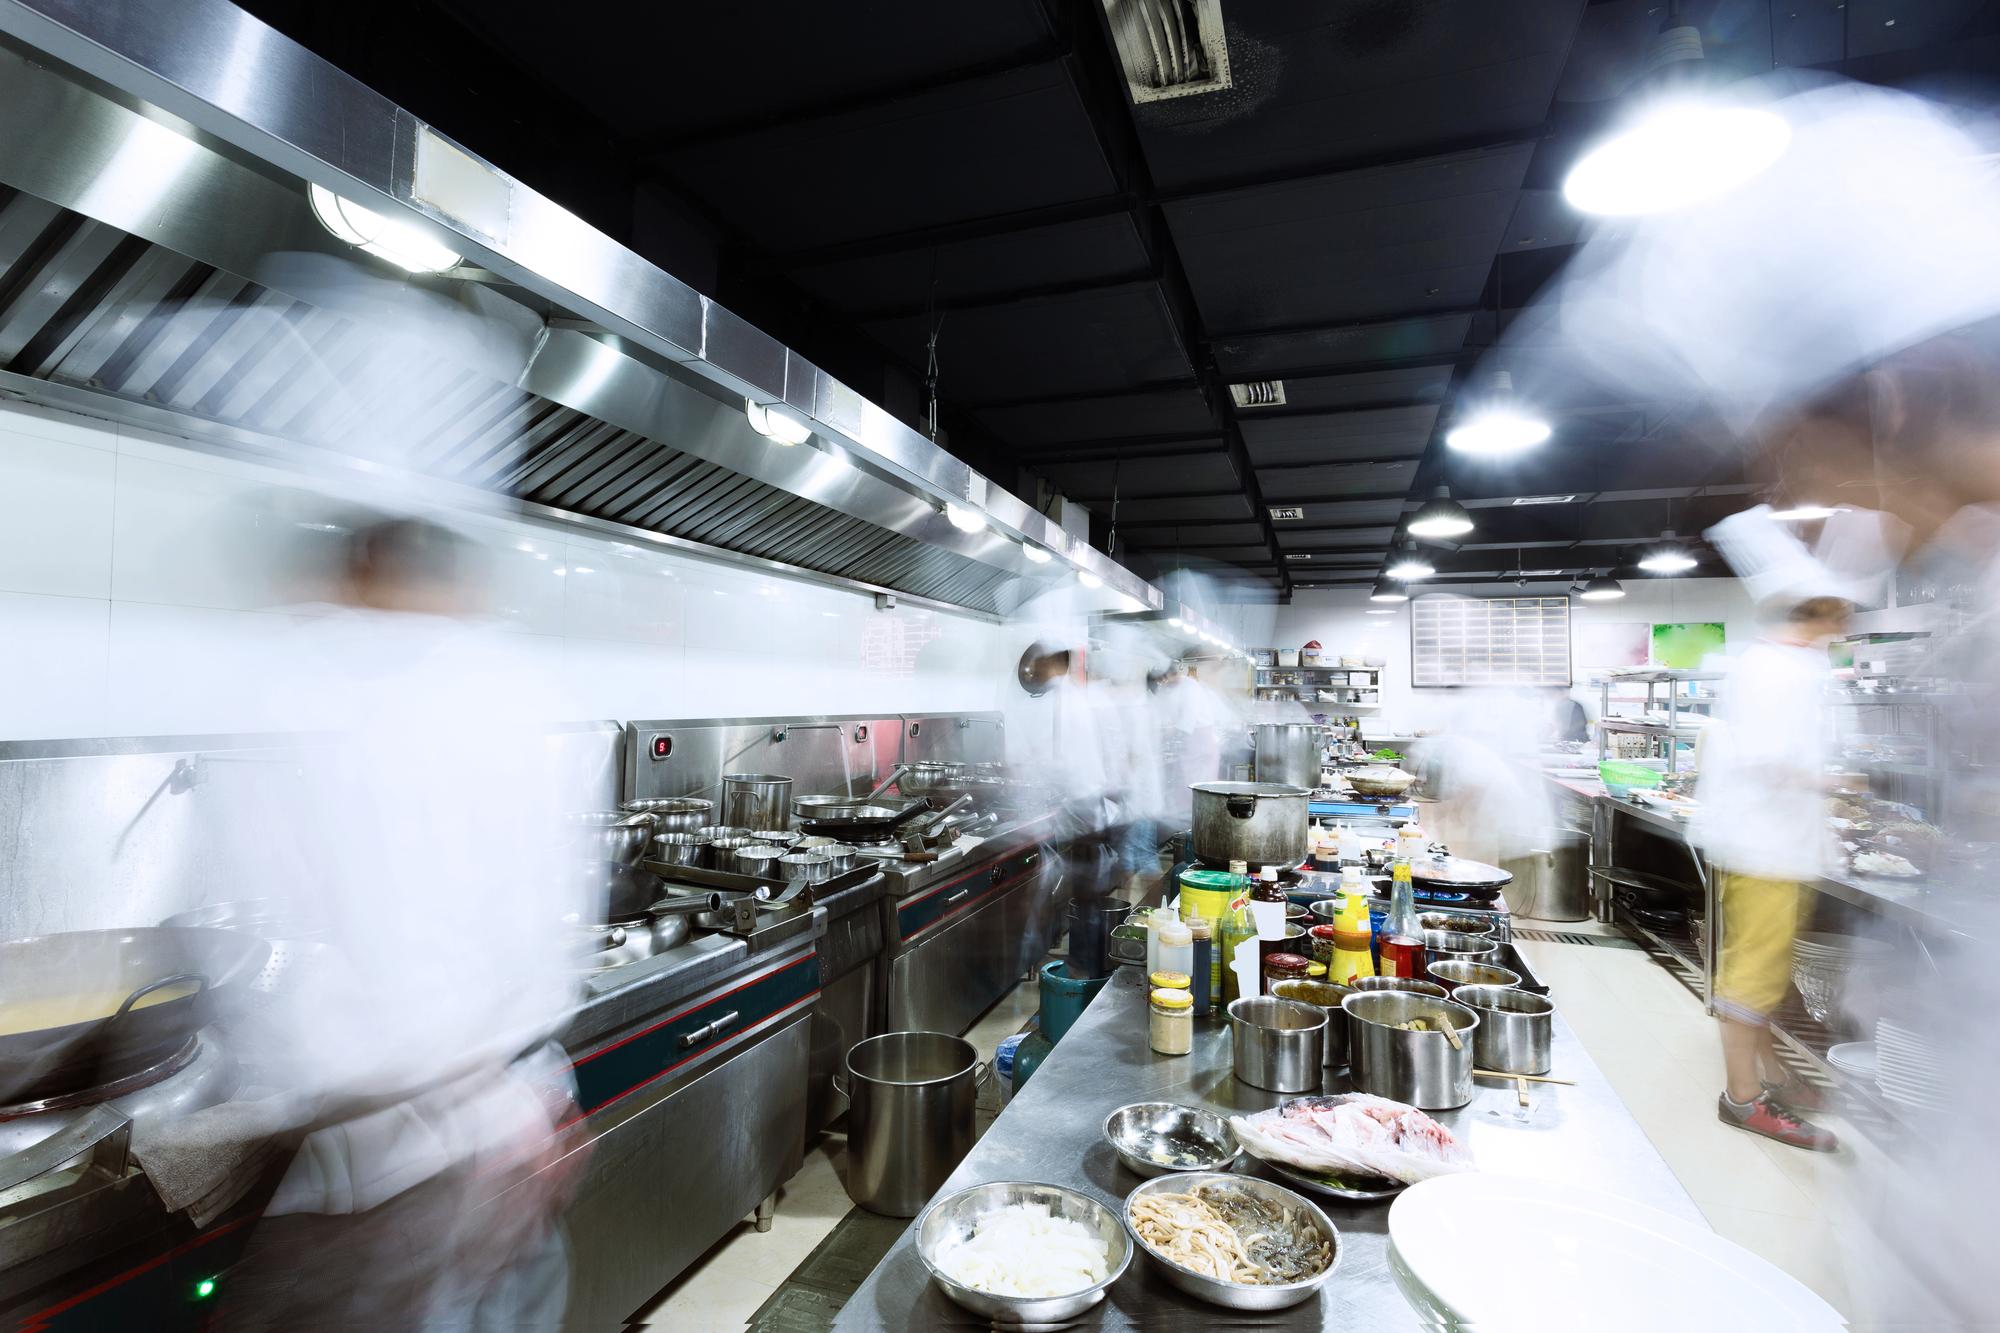 Segurança de alimentos em serviços de alimentação: 5 passos básicos fundamentais